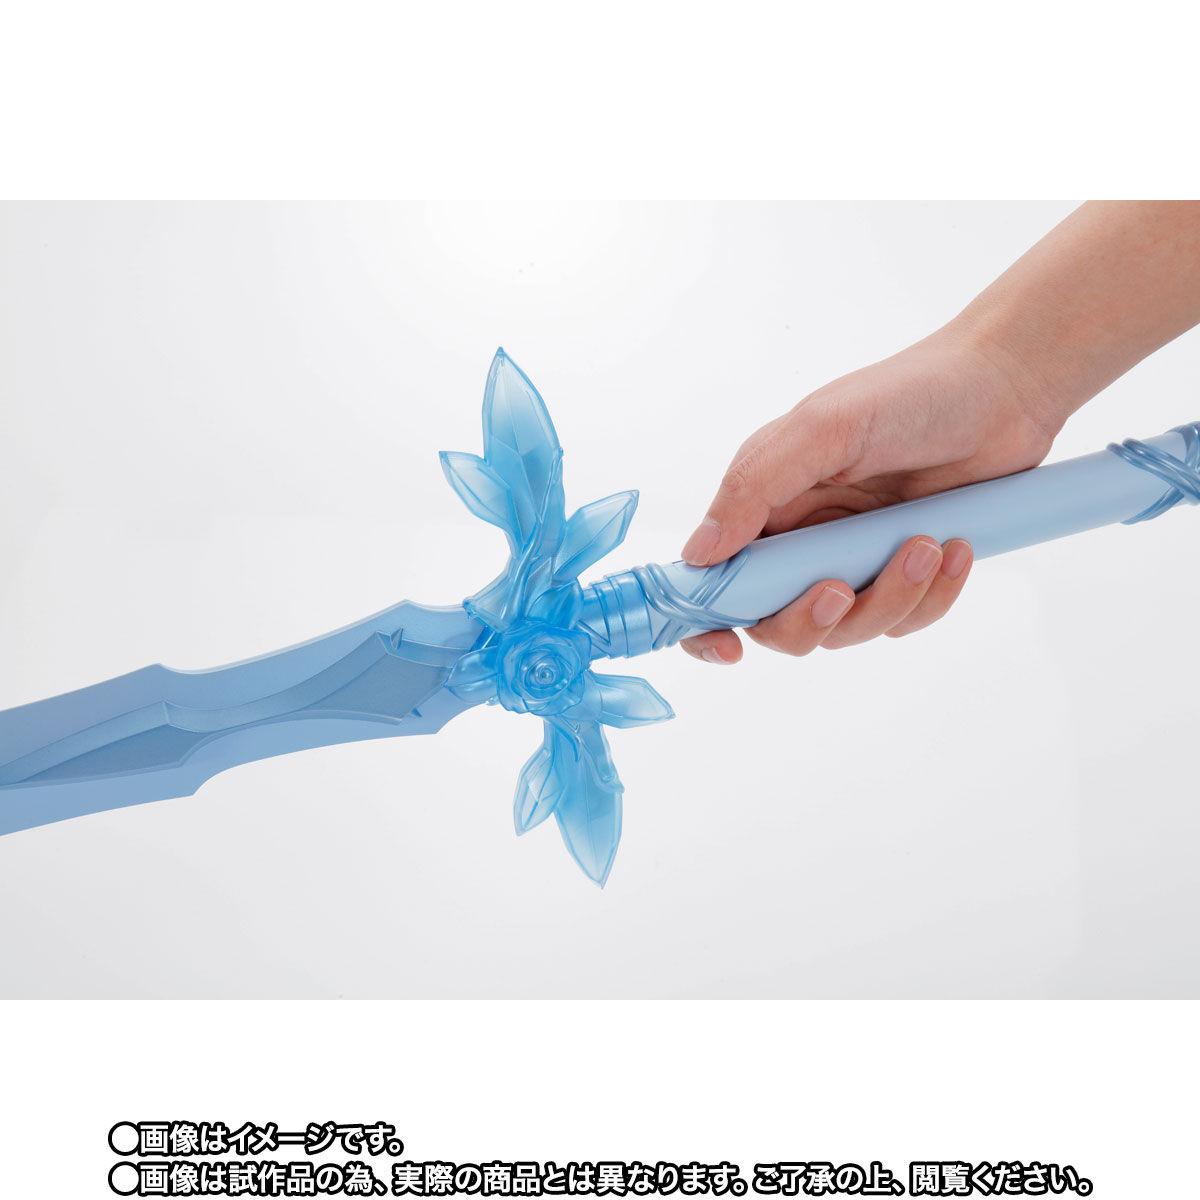 【限定販売】PROPLICA プロップリカ『青薔薇の剣』ソードアート・オンライン 変身なりきり-004